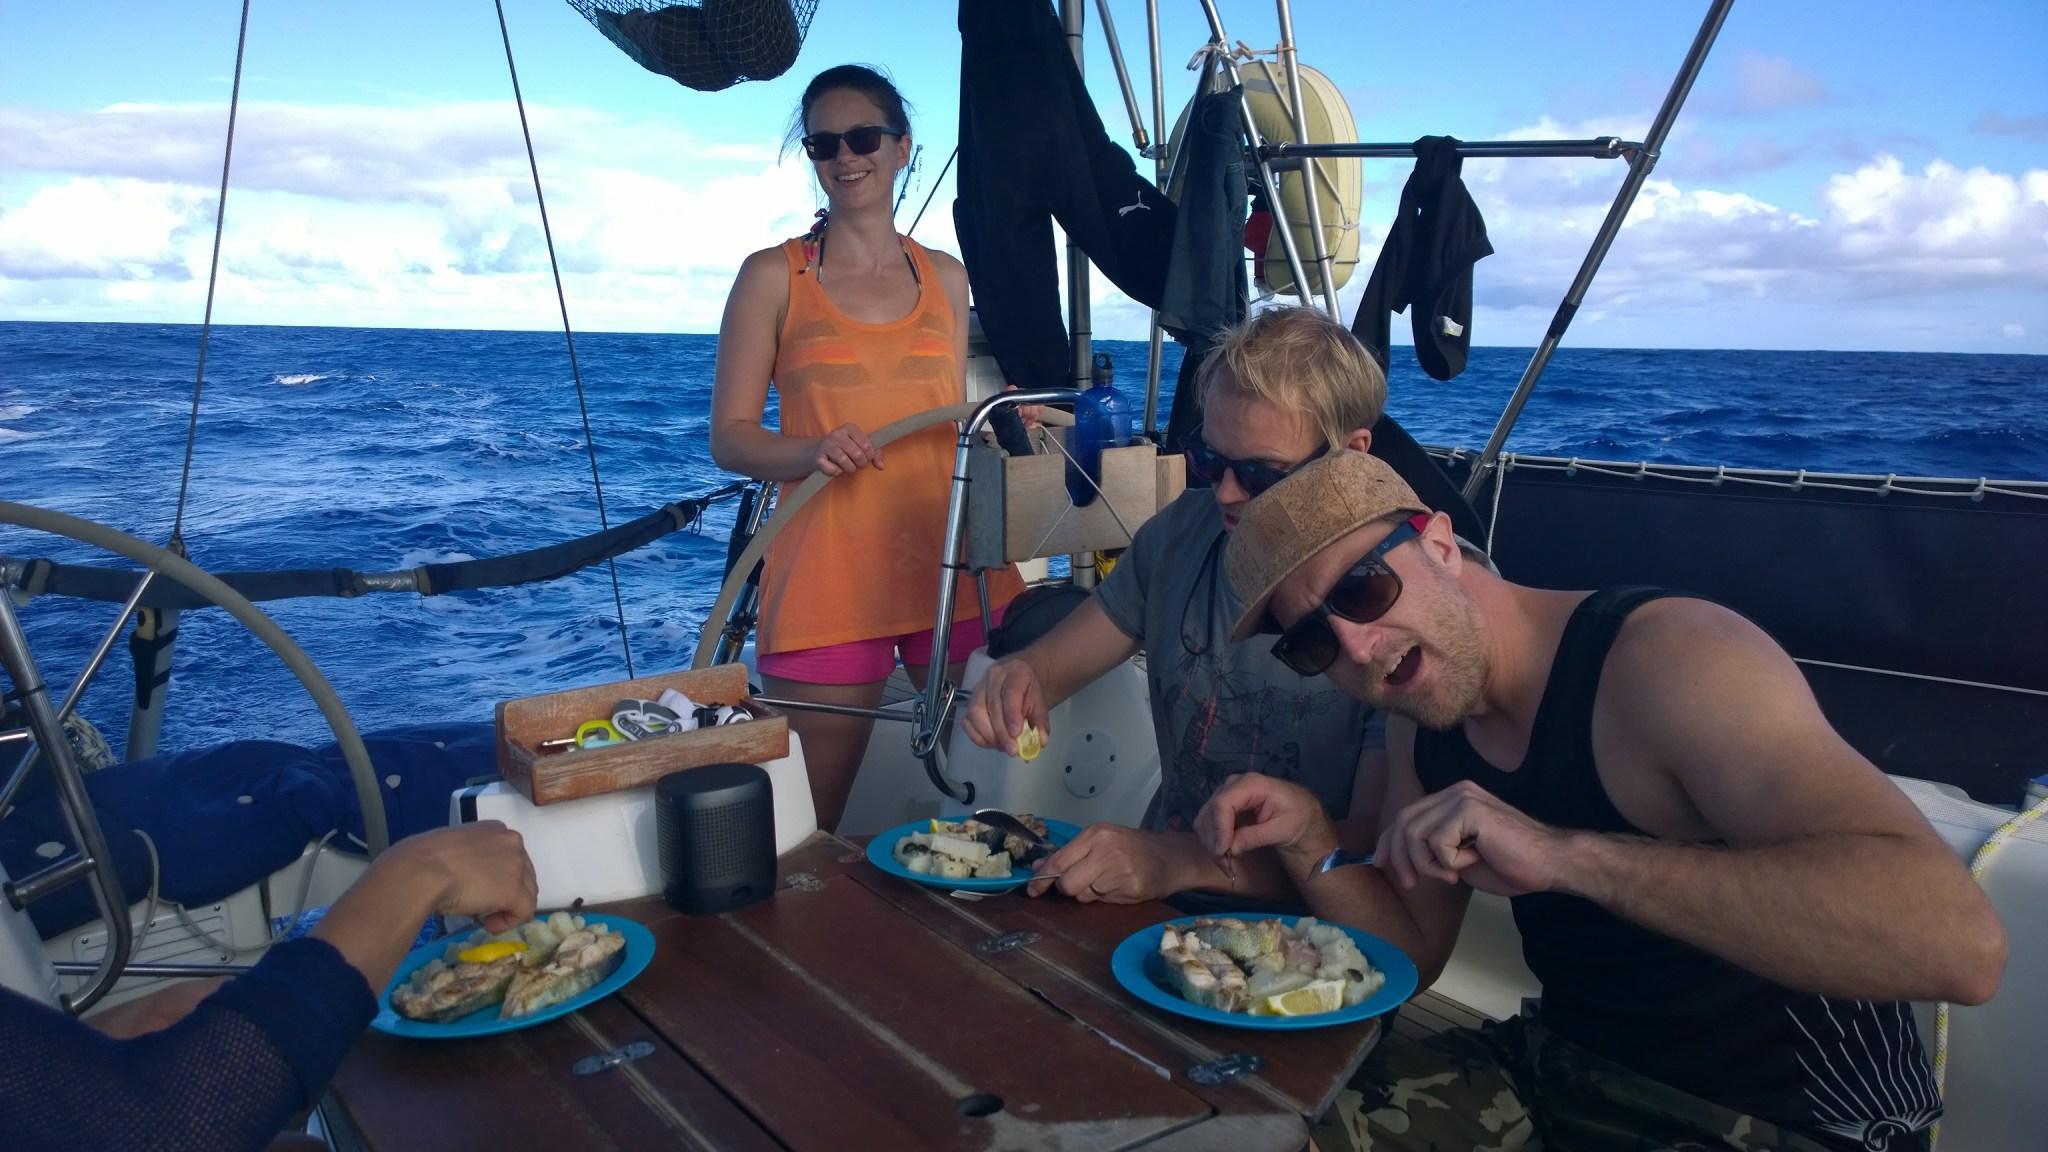 Tuuli tai ei, ruoka ja etenkin pannukakut saa aina hymyn korviin! Seuraavalla Atlantin ylityksellä onkin mielenkiintoista, kuka tekee yhtä hyvät pöperöt kuin Axel?